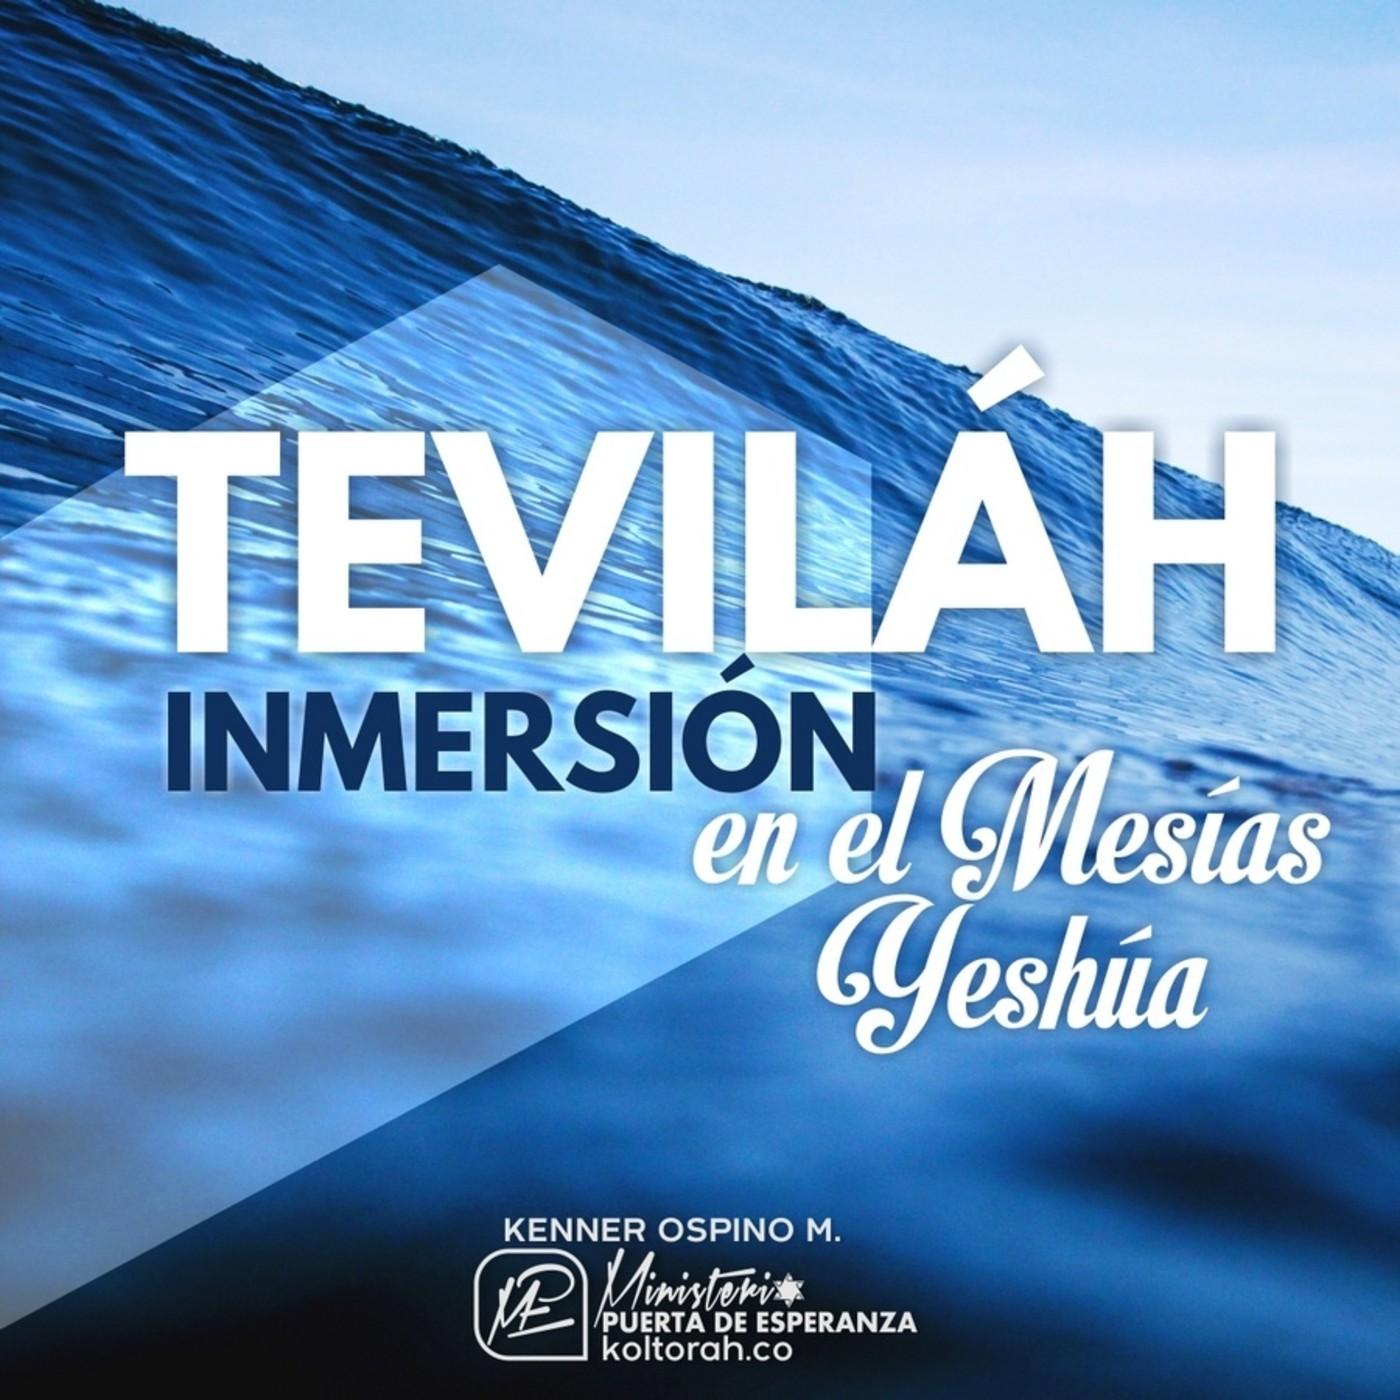 La Inmersión en Agua (Teviláh) en el Mesías Yeshúa – Kenner Ospino M.